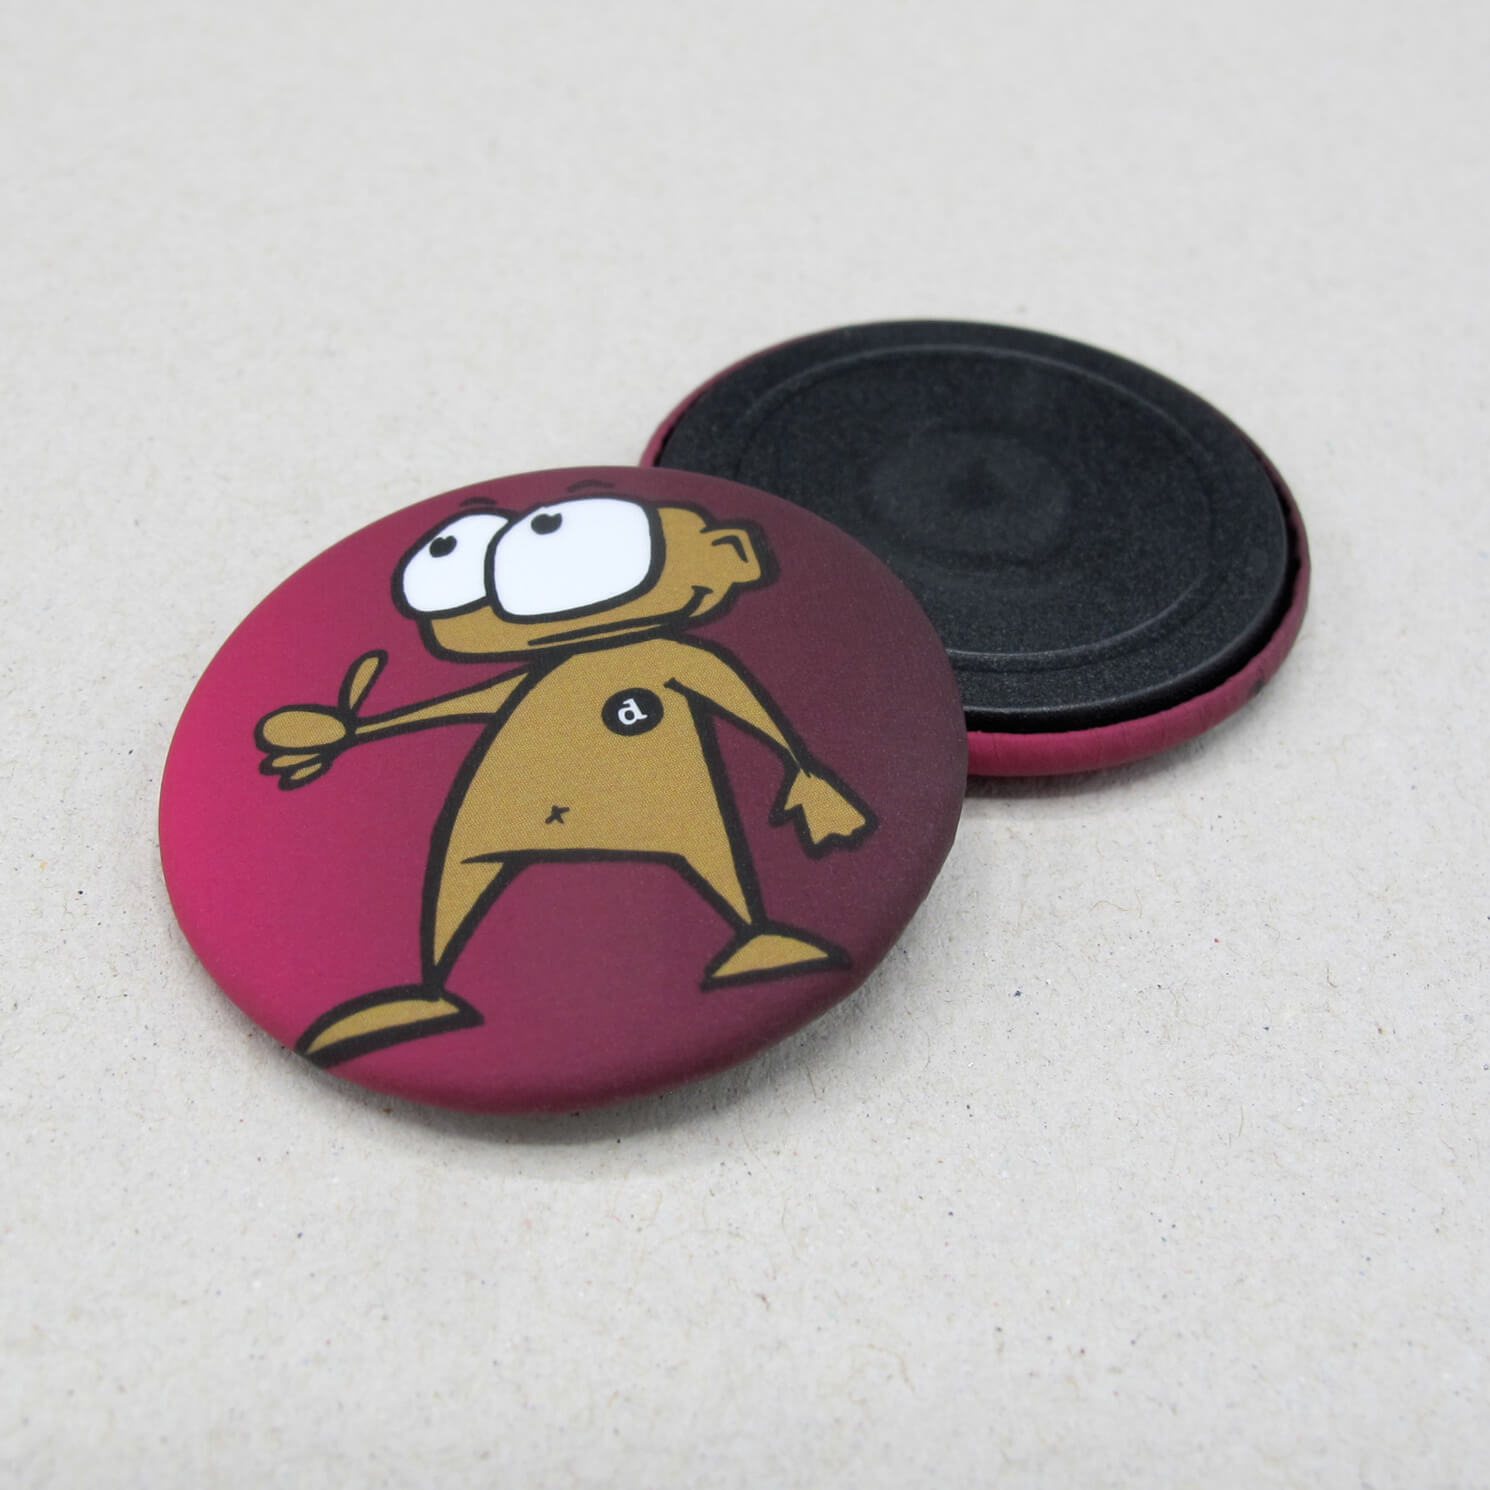 37mm Buttons Magnet MATT